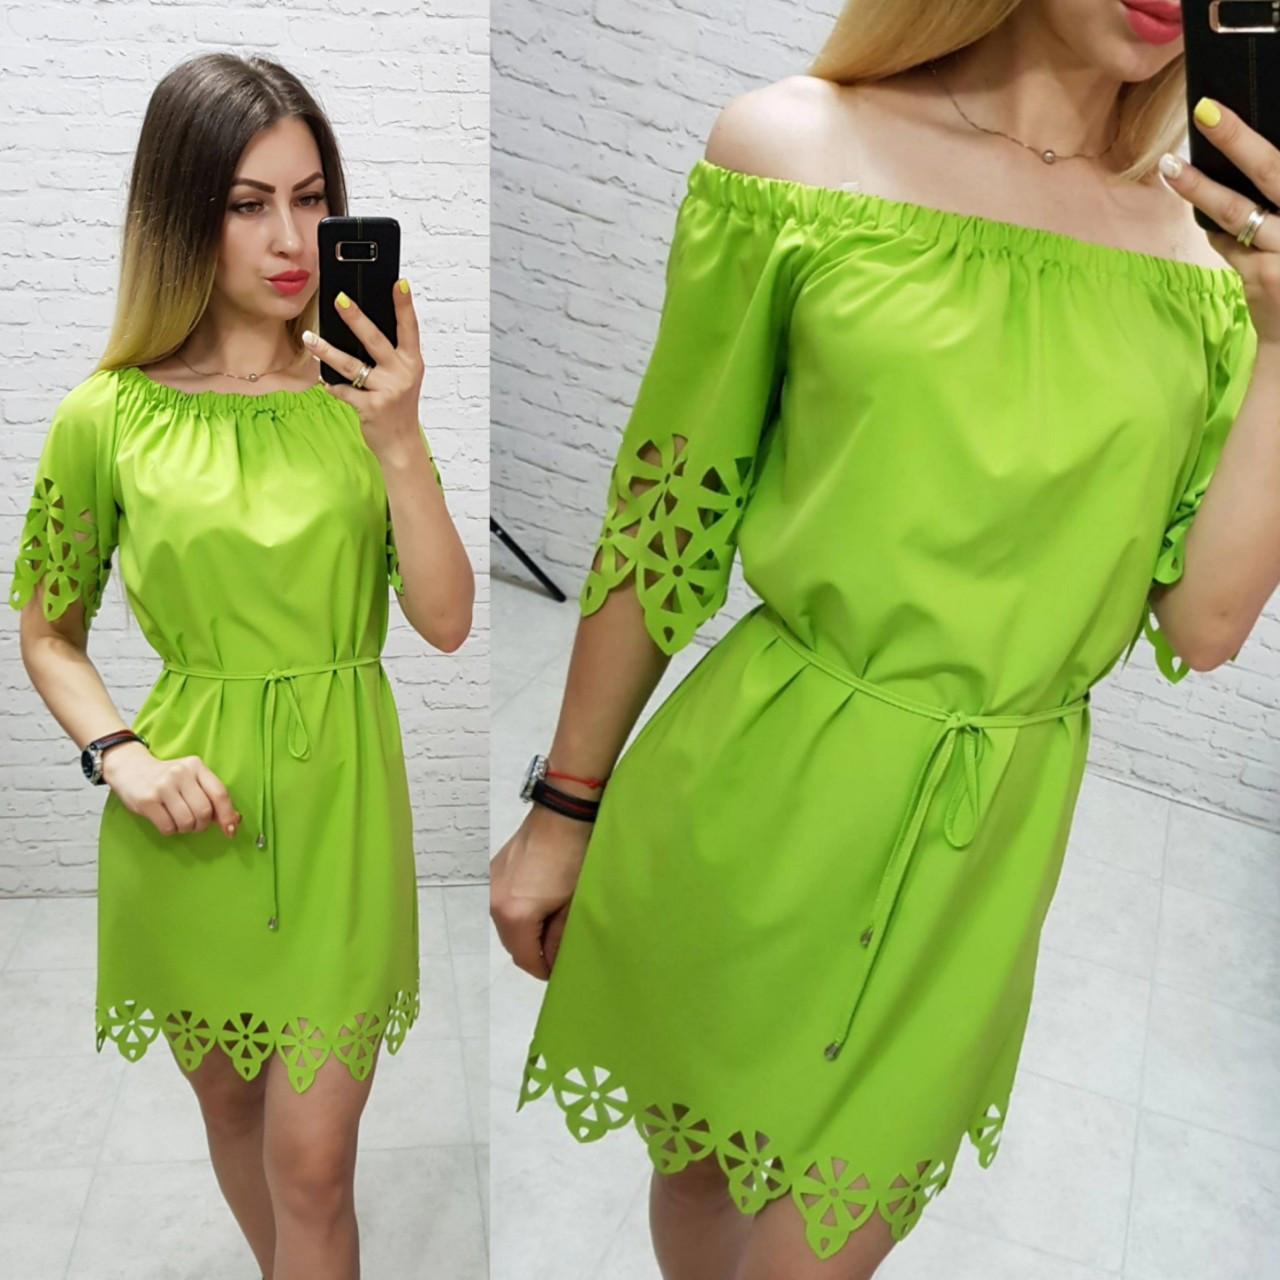 Платье летнее свободное выбитый рисунок цвет яблока / яркий зеленый